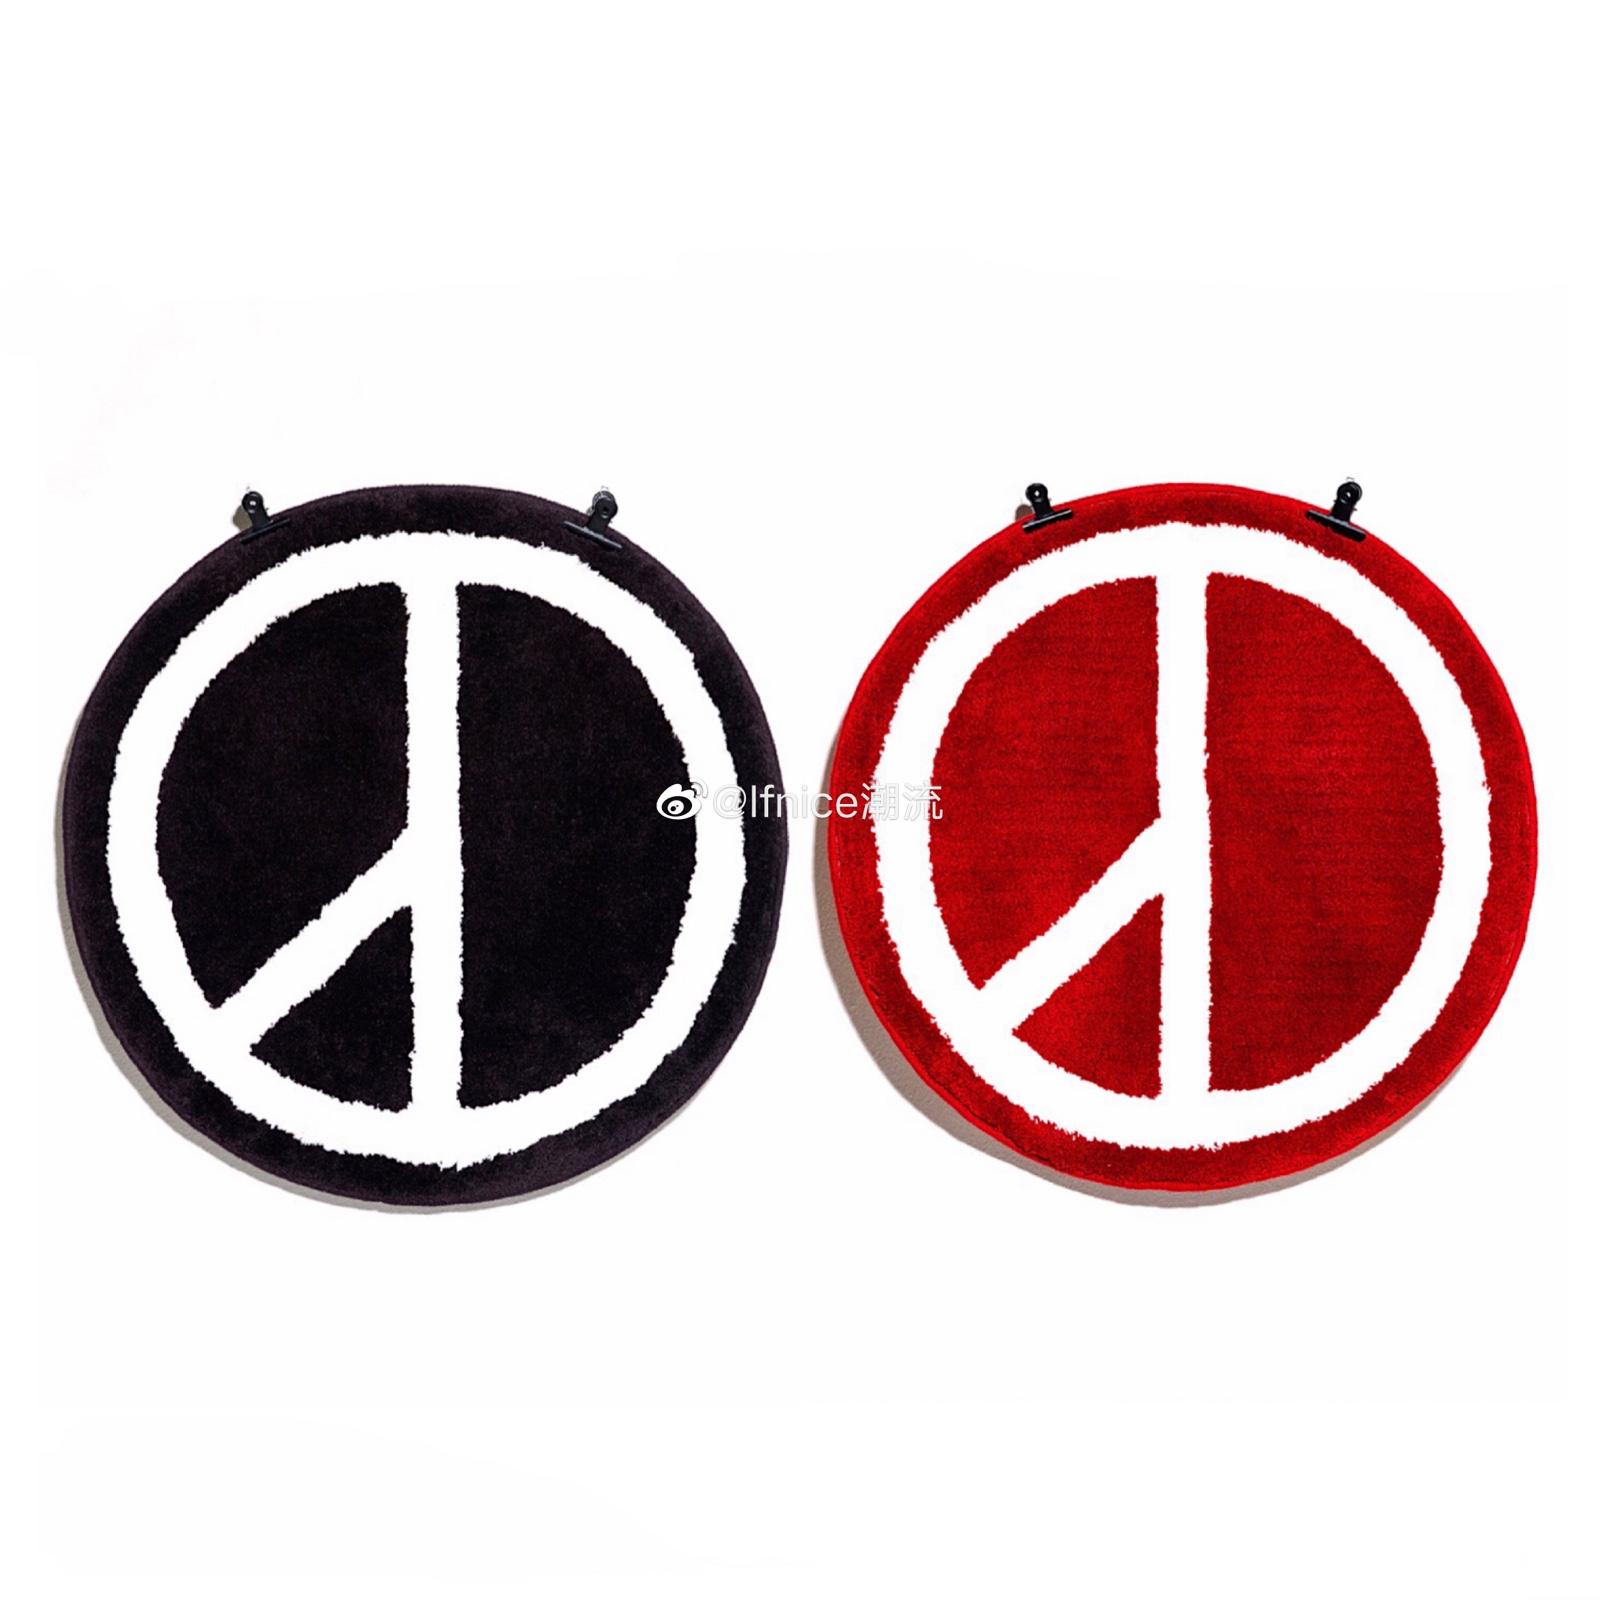 【现货】Peaceminusone PMO GD 反战 Logo 黑红 Mat 圆形 地毯